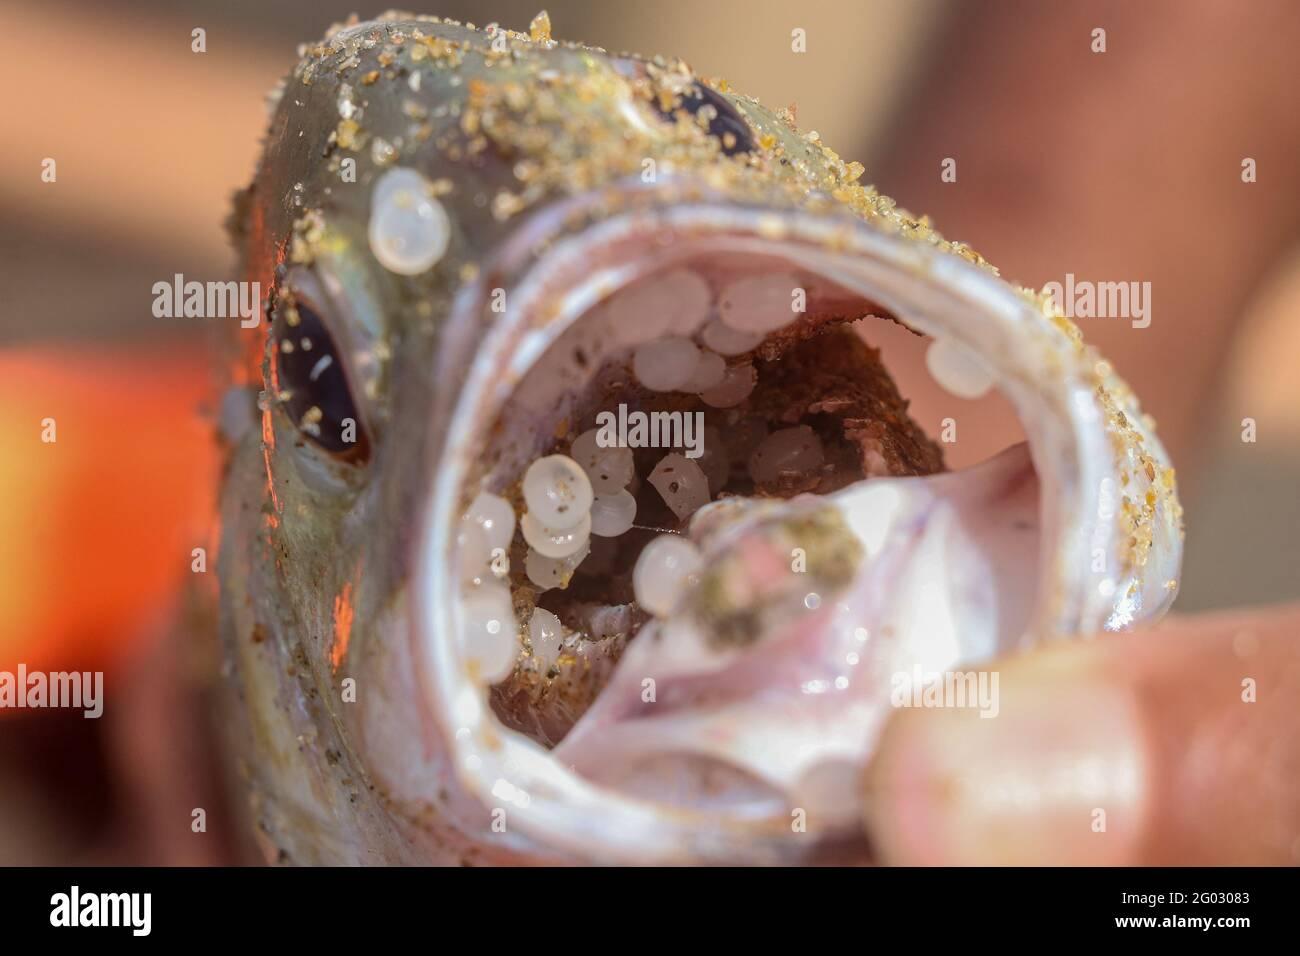 Colombo, Sri Lanka. Mai 2021. Ein toter Fisch, der am Strand in der Nähe von Wellawatta in Colombo an Land gewaschen wurde, dessen Mund mit Plastikmüll angeblich vom singapurischen Schiff MV X-Press Pearl, das letzte Woche in der Nähe des Hafens von Colombo in Brand geraten war, ins Meerwasser gelangt sein soll. (Foto: Saman Abesiriwardana/Pacific Press) Quelle: Pacific Press Media Production Corp./Alamy Live News Stockfoto